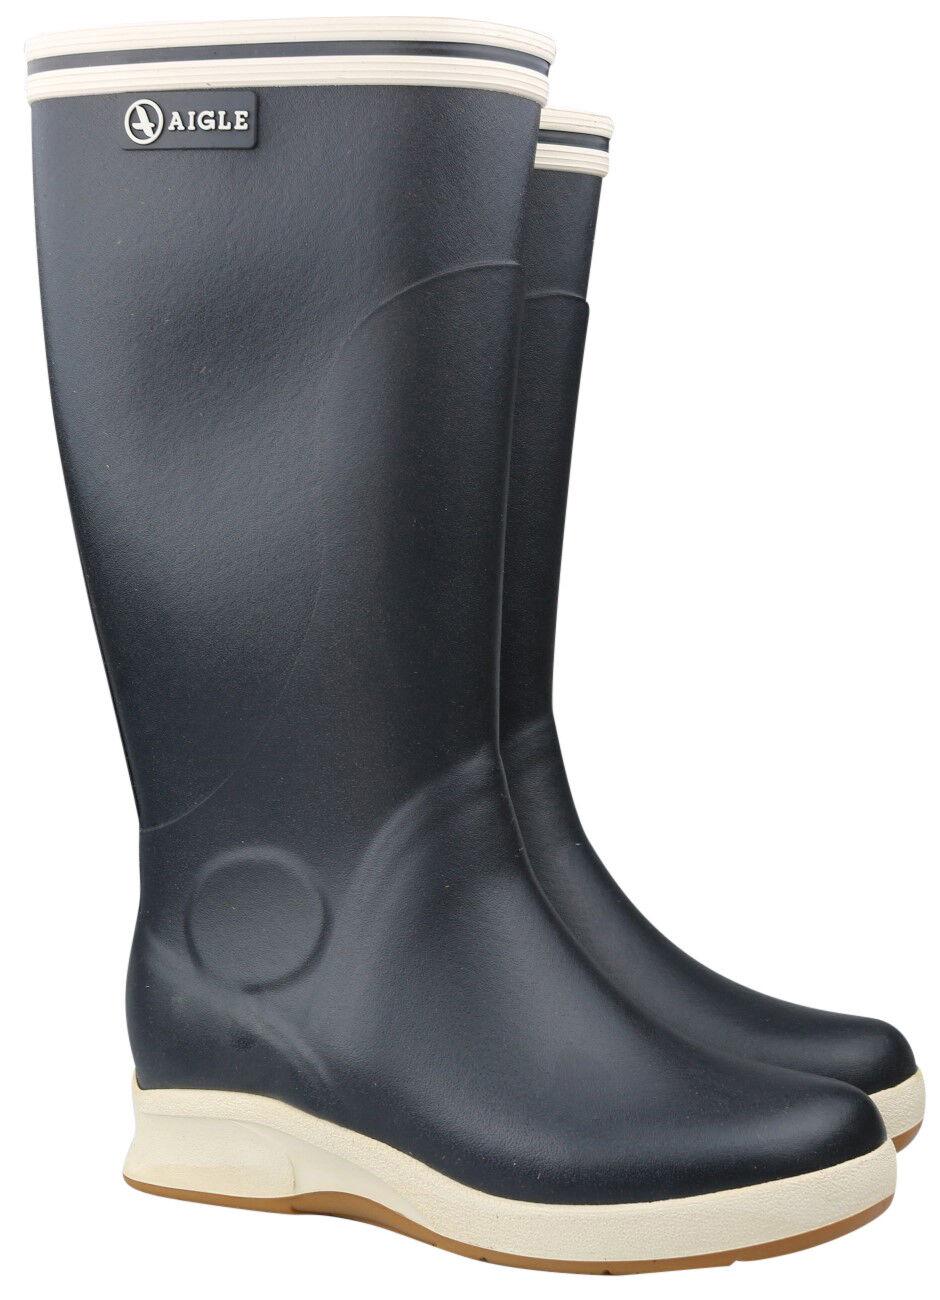 Entrega directa y rápida de fábrica Aigle Skey marine marine marine botas de goma señora caballero botas 37362 nuevo & OVP  excelentes precios